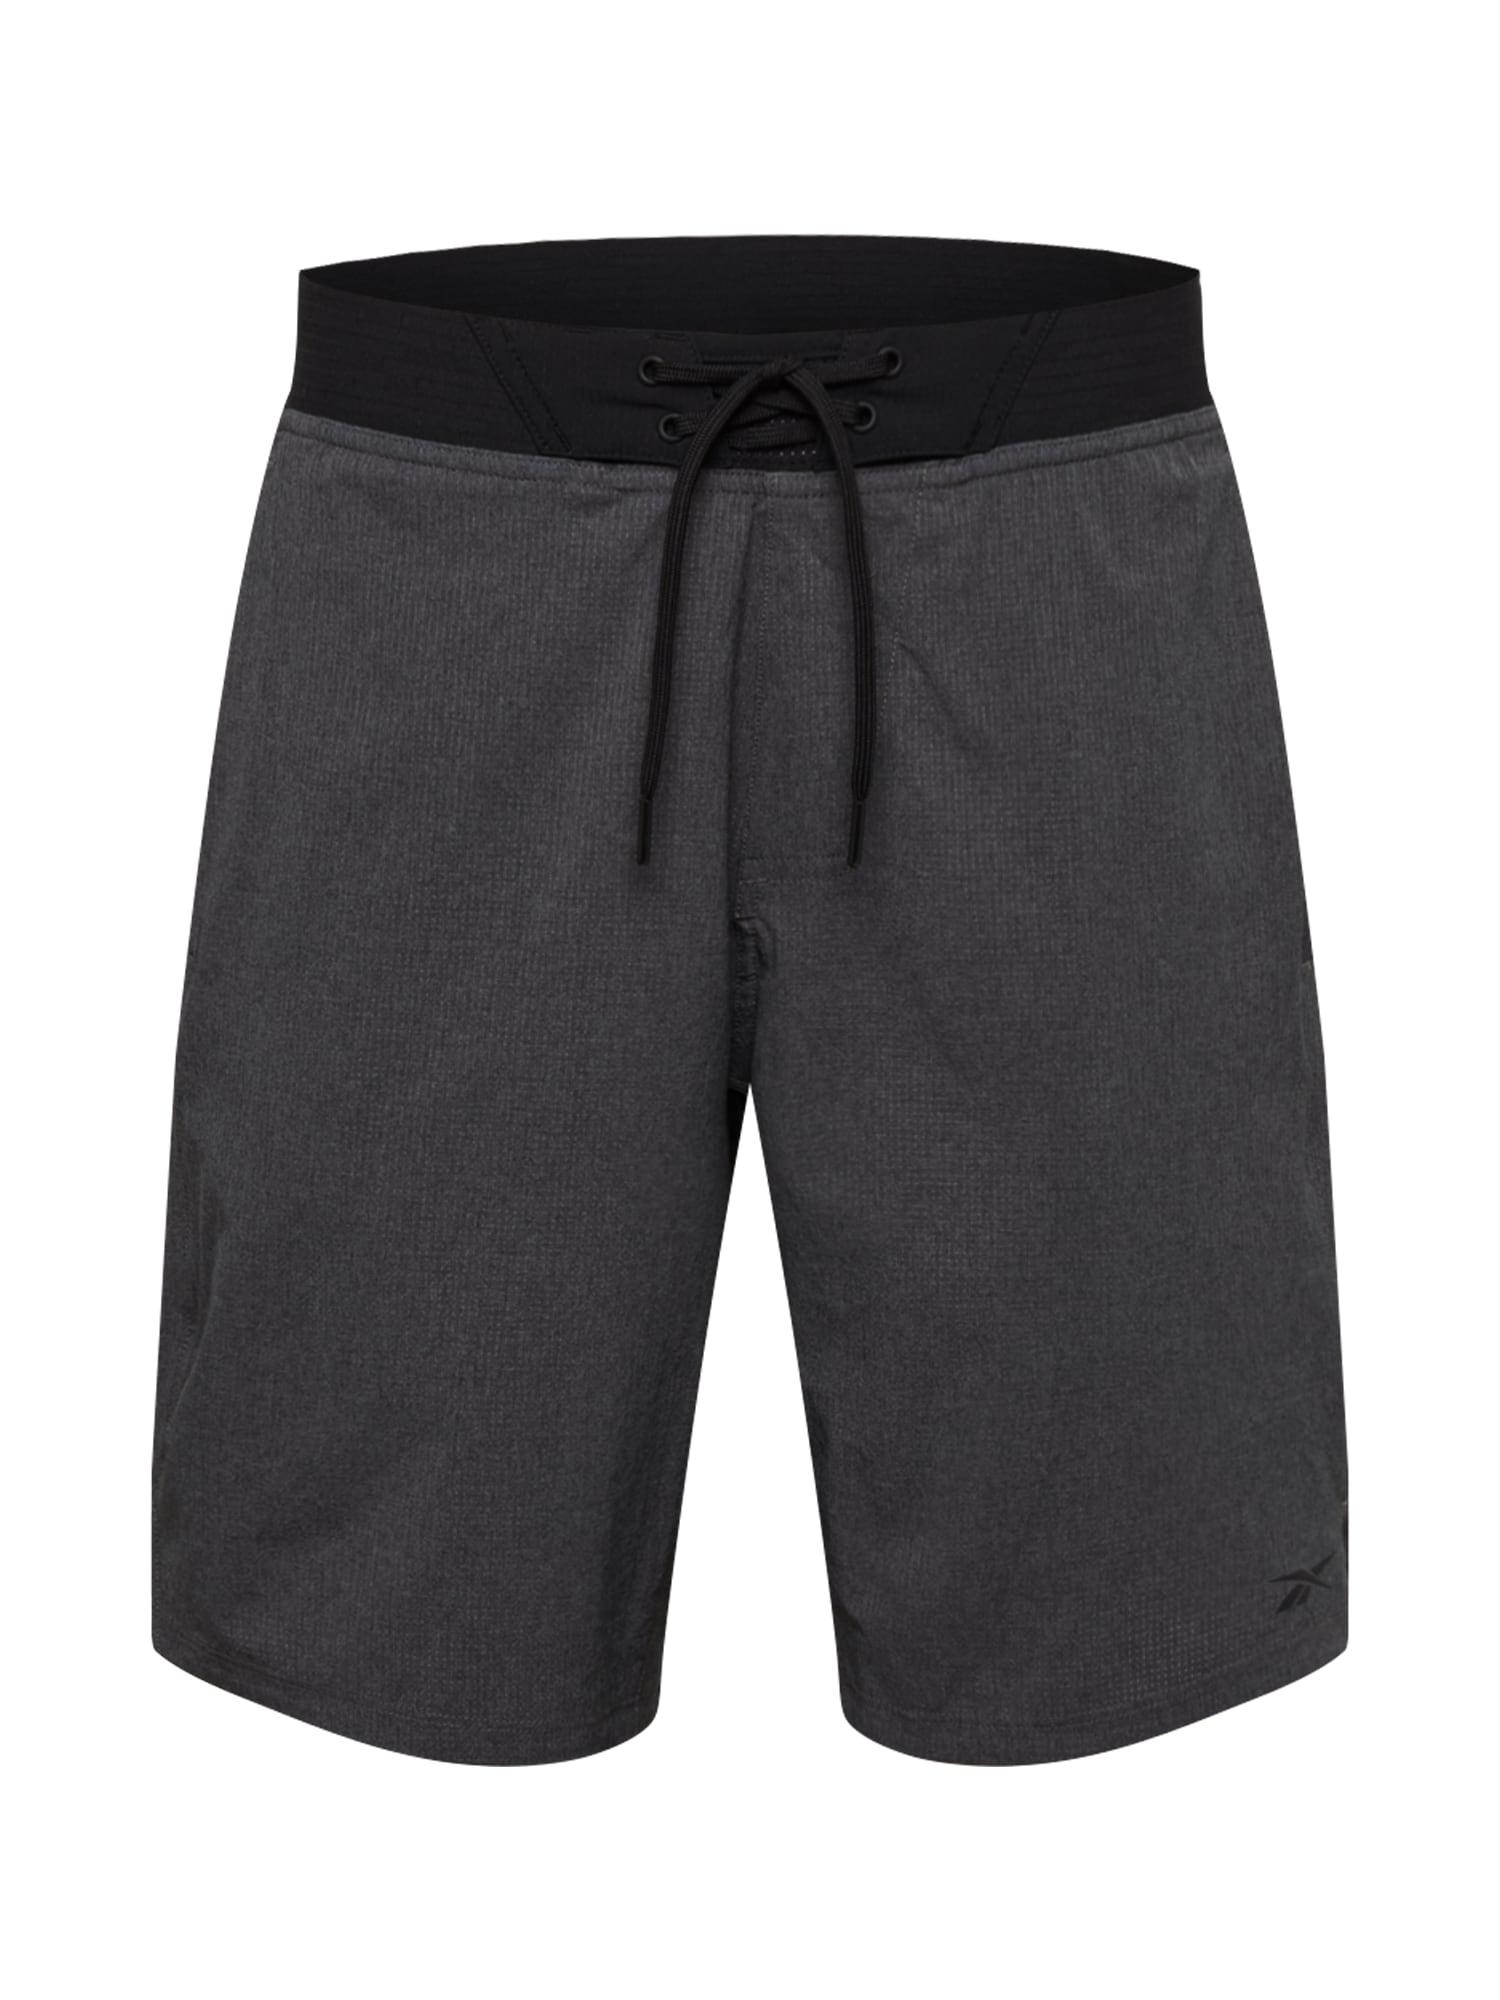 REEBOK Sportinės kelnės juoda / pilka